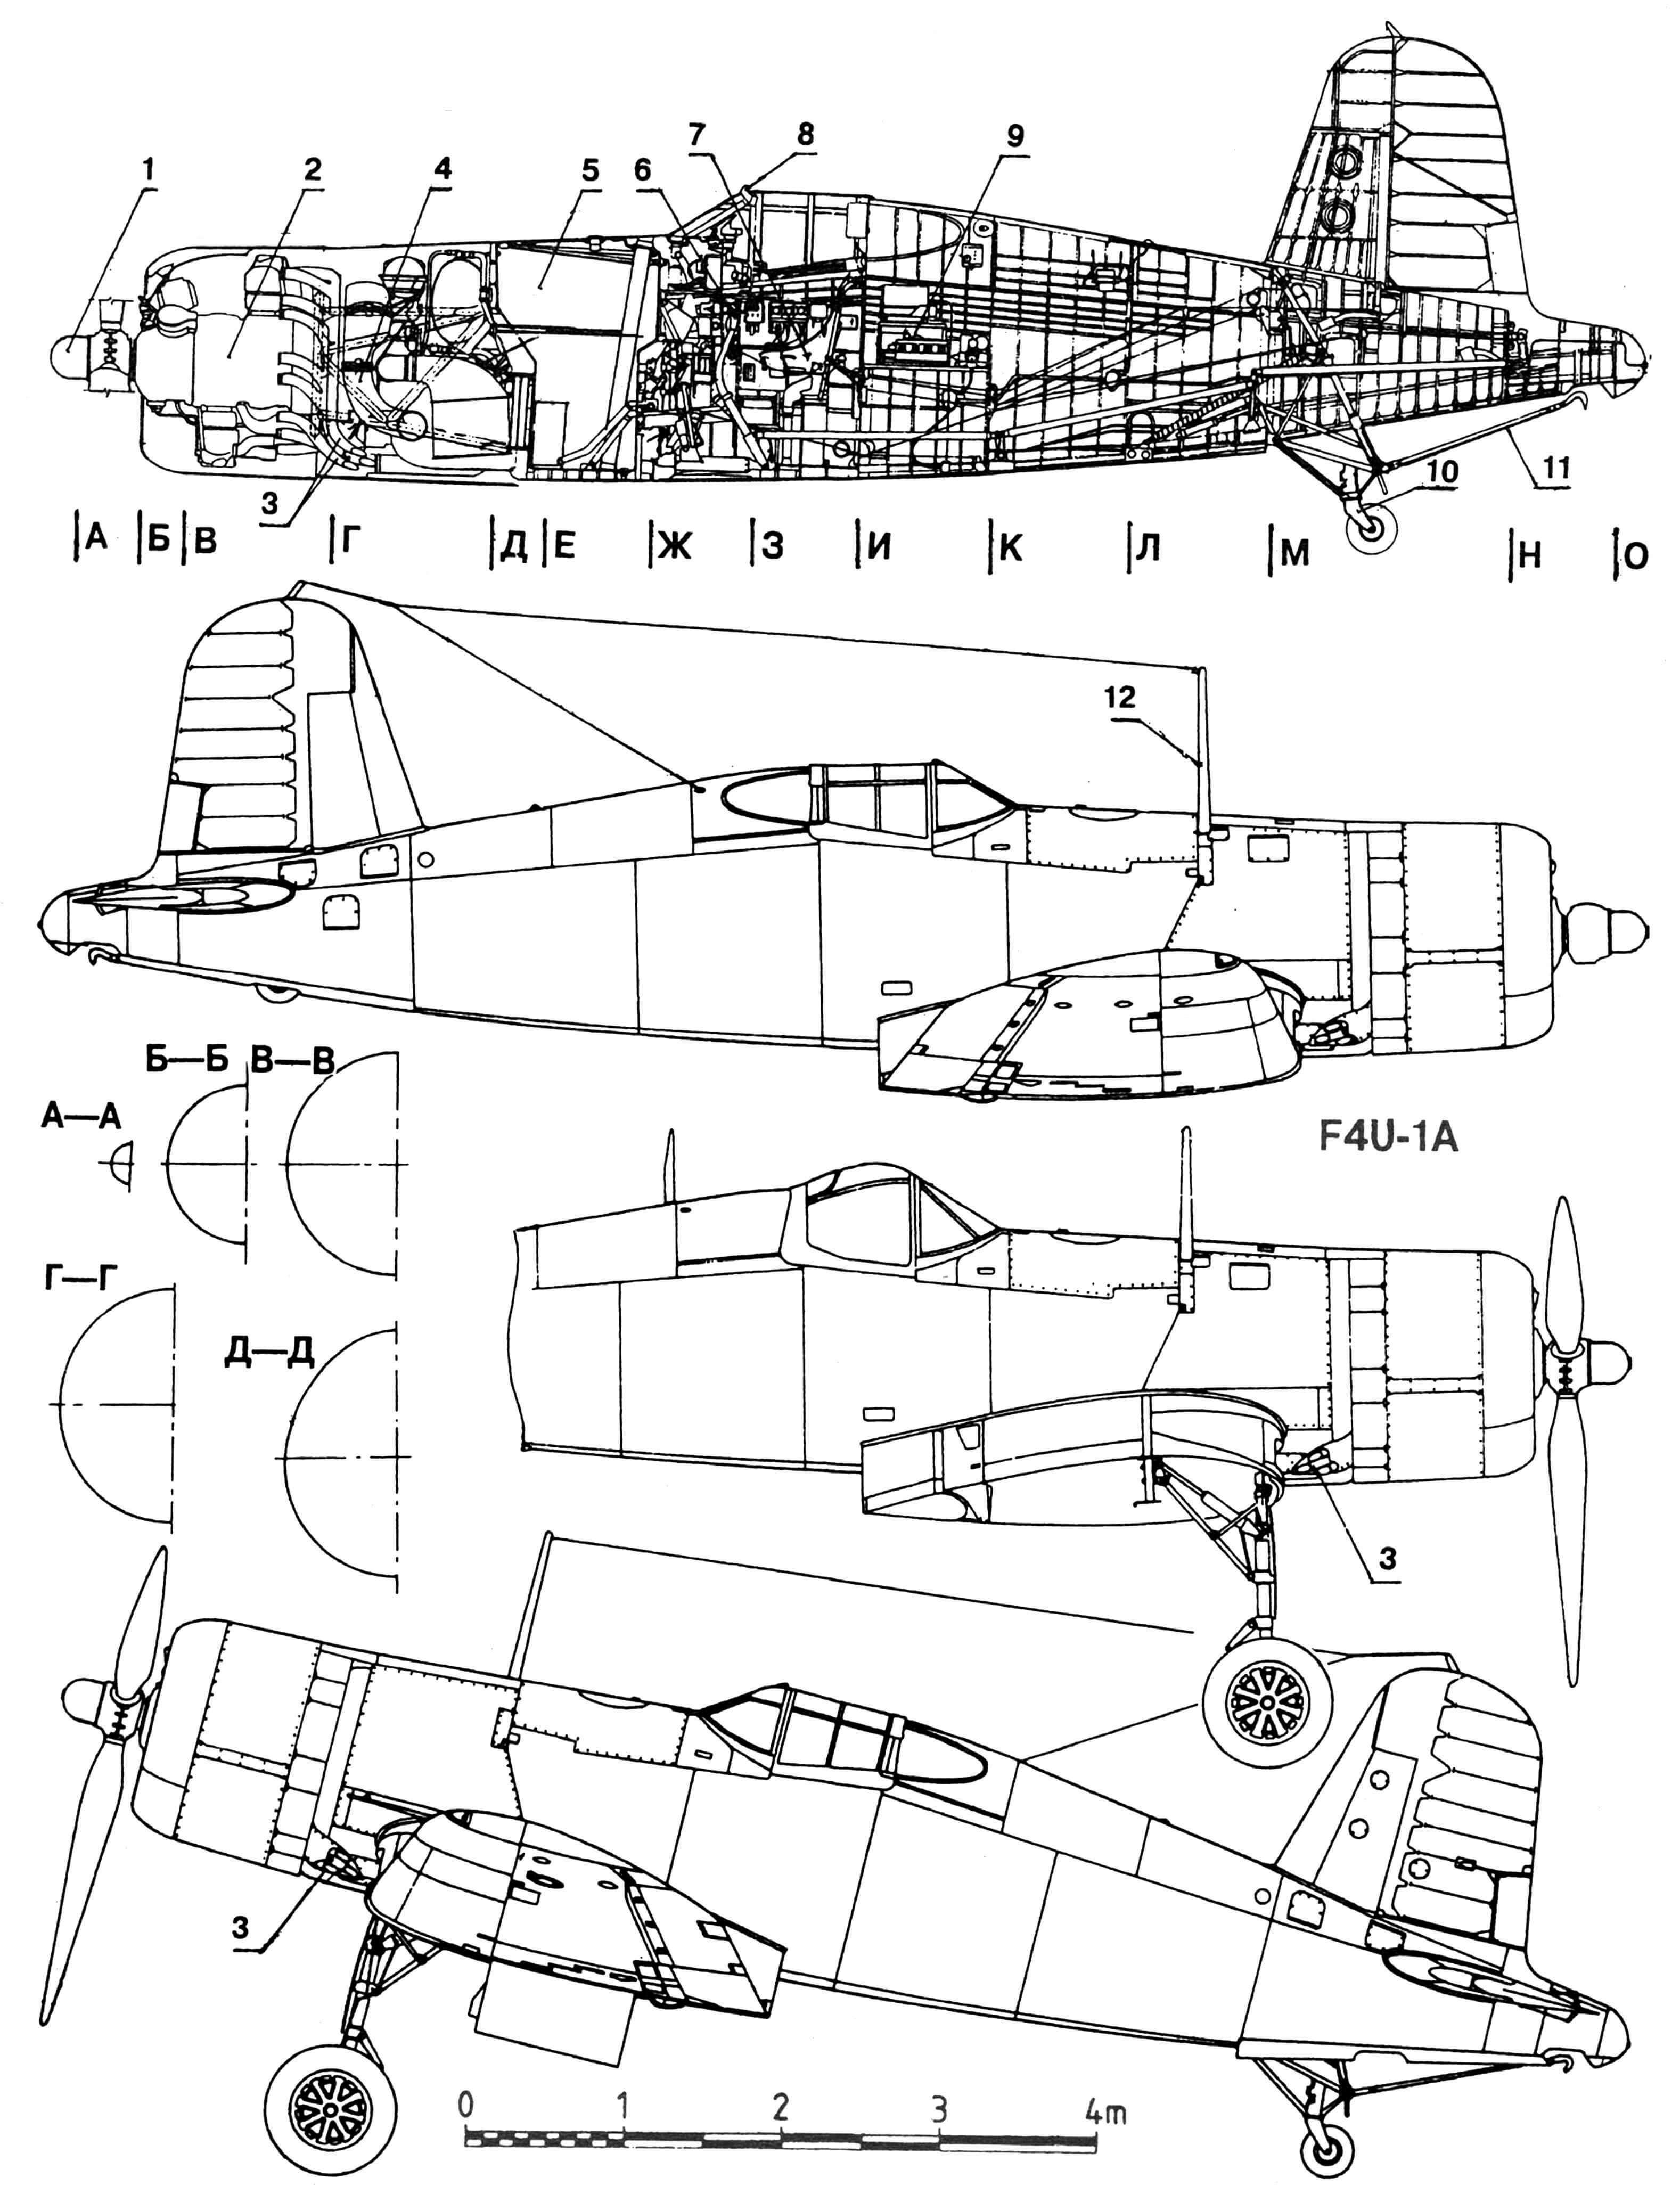 Истребитель F4U-1 «Корсар»: 1 — кок винта, 2 — двигатель R-2800-8, 3 — выхлопные патрубки, 4 — нагнетатель, 5 — топливный бак, 6 — ручка управления, 7 — кресло пилота, 8 — зеркало заднего вида, 9 — радиостанция, 10 — хвостовая стойка шасси, 11 — посадочный гак, 12 — стойка антенны, 13 — заливная горловина топливного бака, 14 — трубка ПВД, 15 — лючки для доступа к пулеметам, 16 — гильзовыбрасыватели.